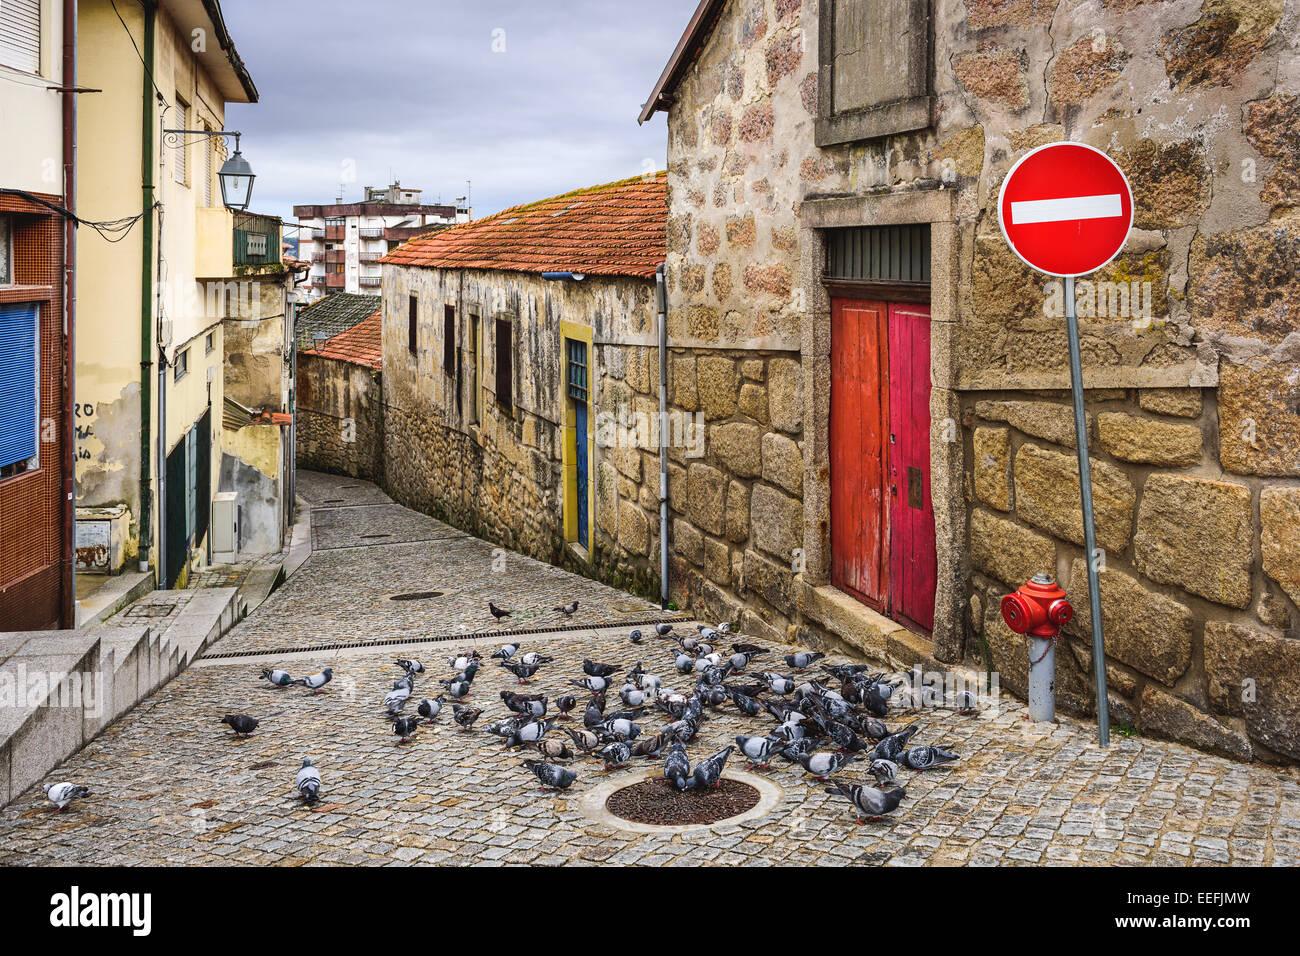 Vila Nova De Gaia, Portugal Gasse Szene mit Tauben. Stockbild